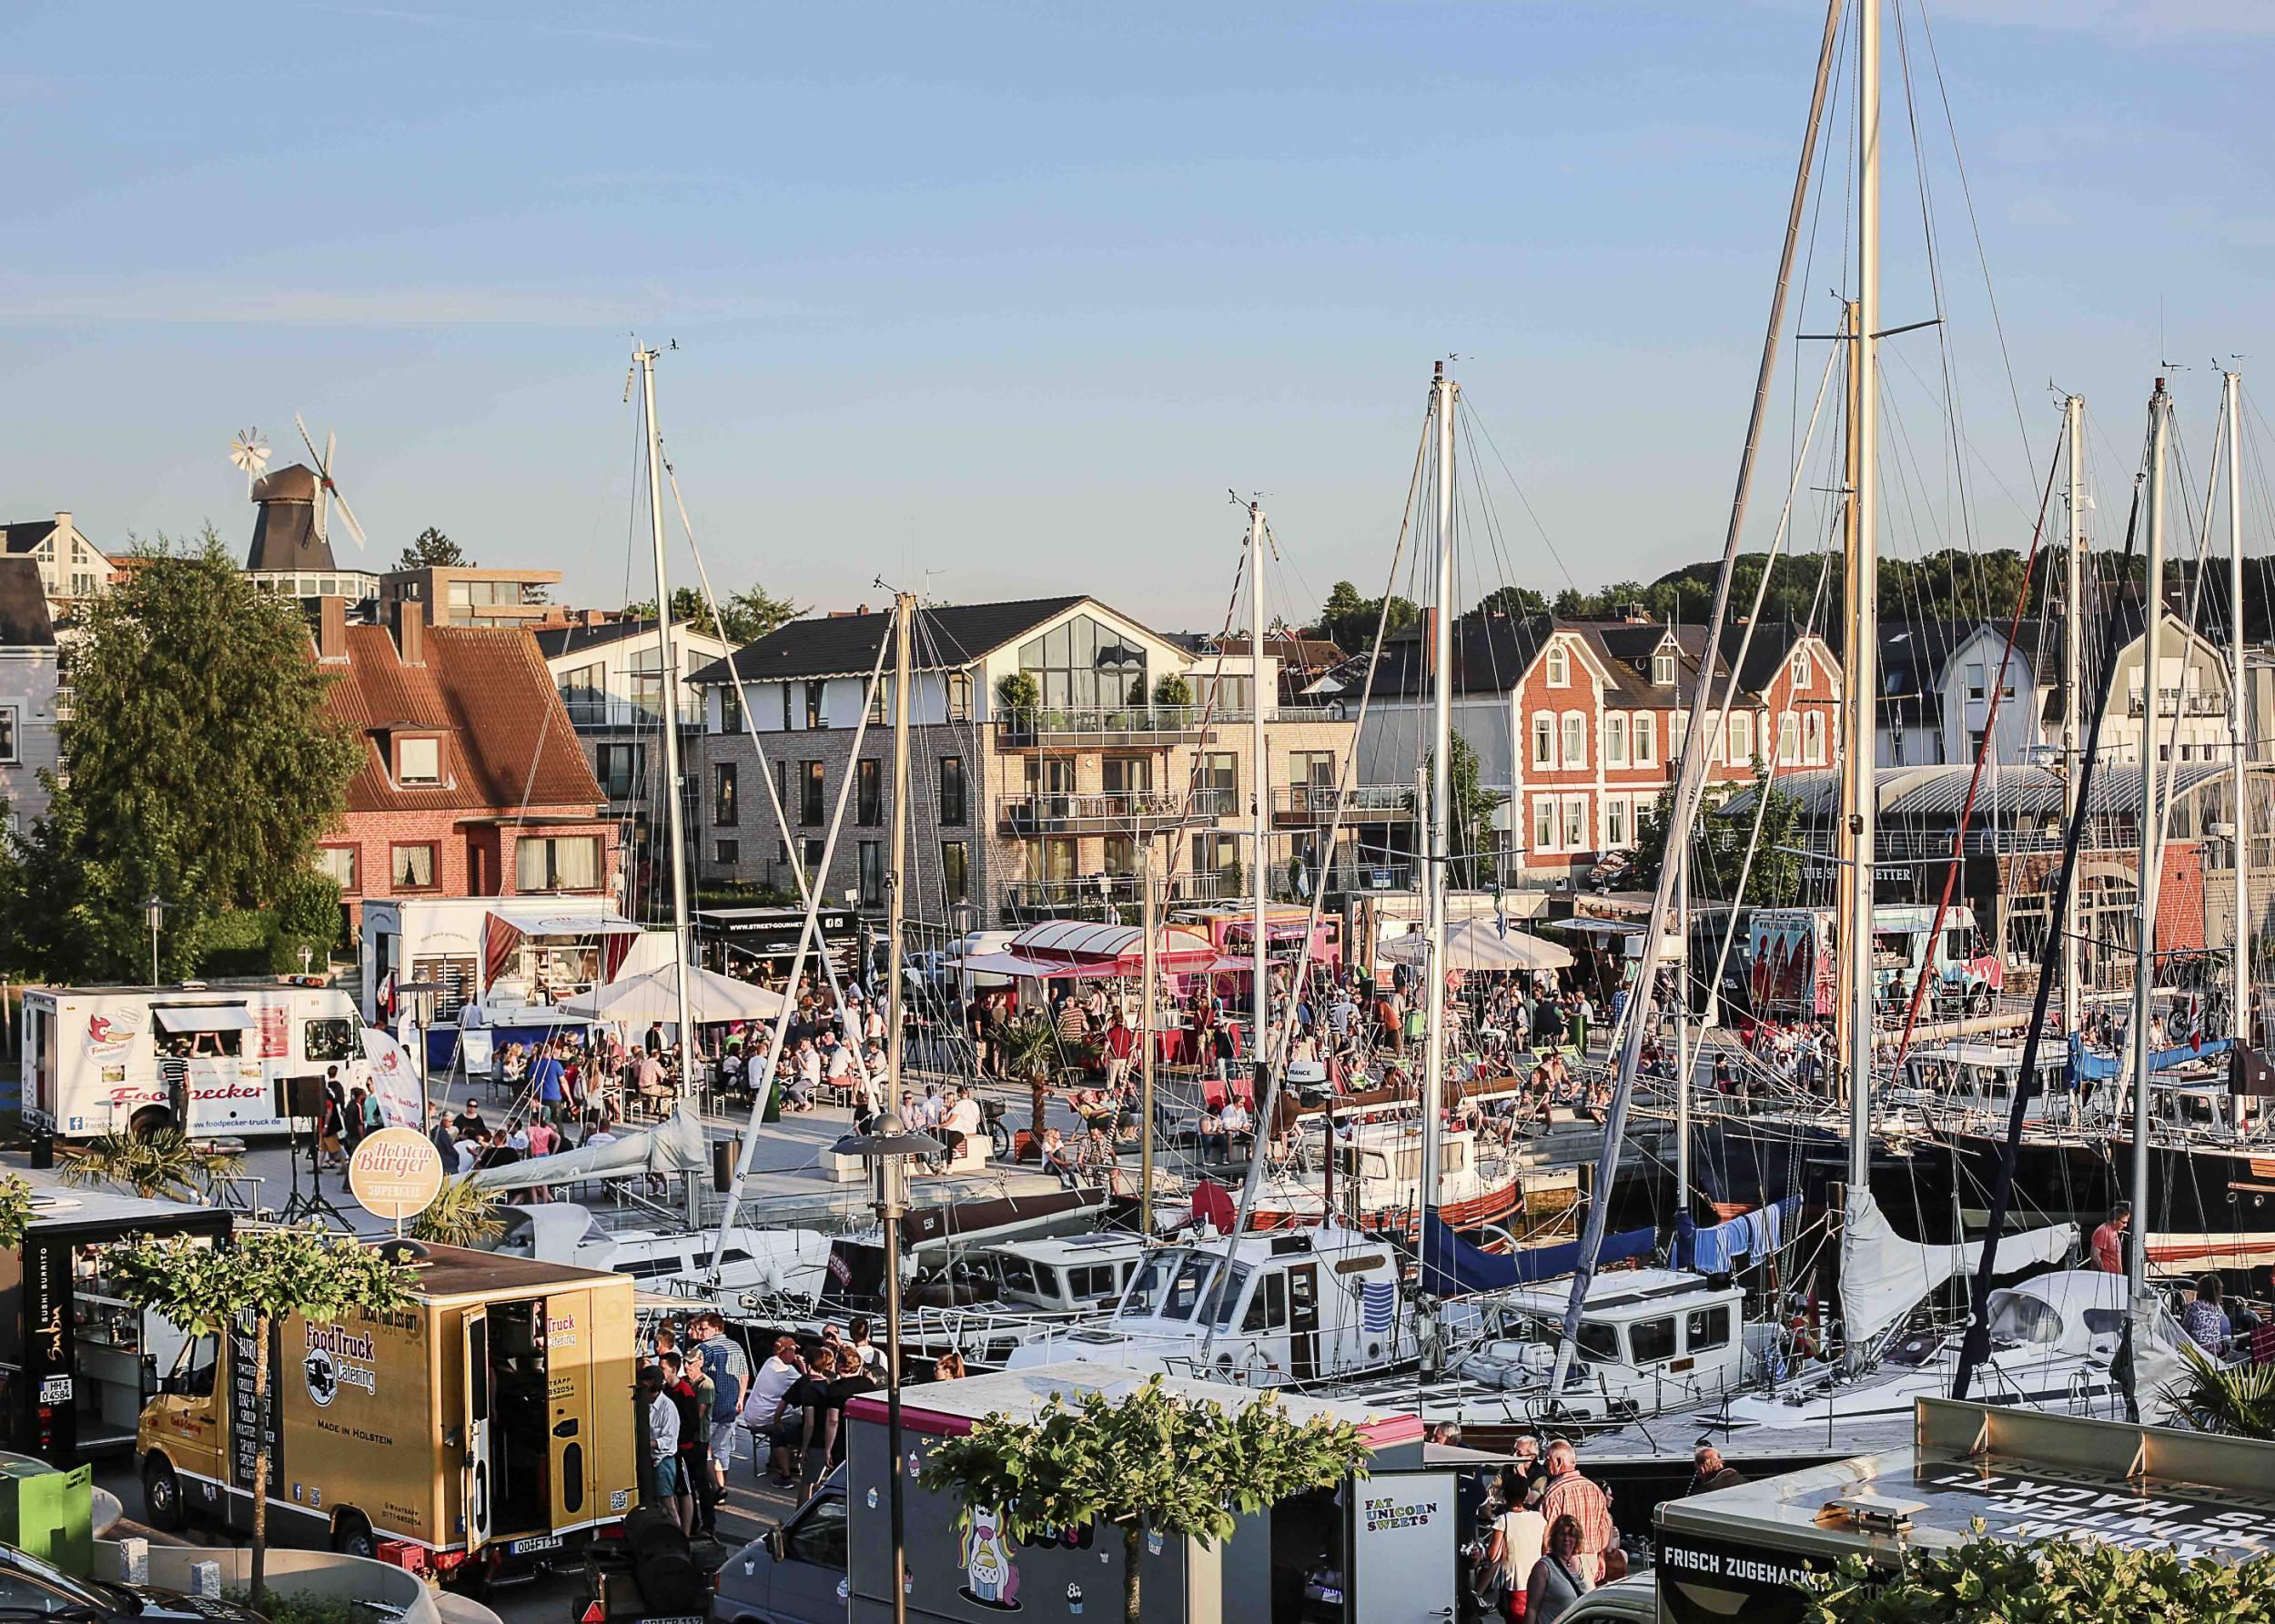 Laboe Event Hafen Veranstaltung Bildquelle: www.laboe-event.de Laboe Event